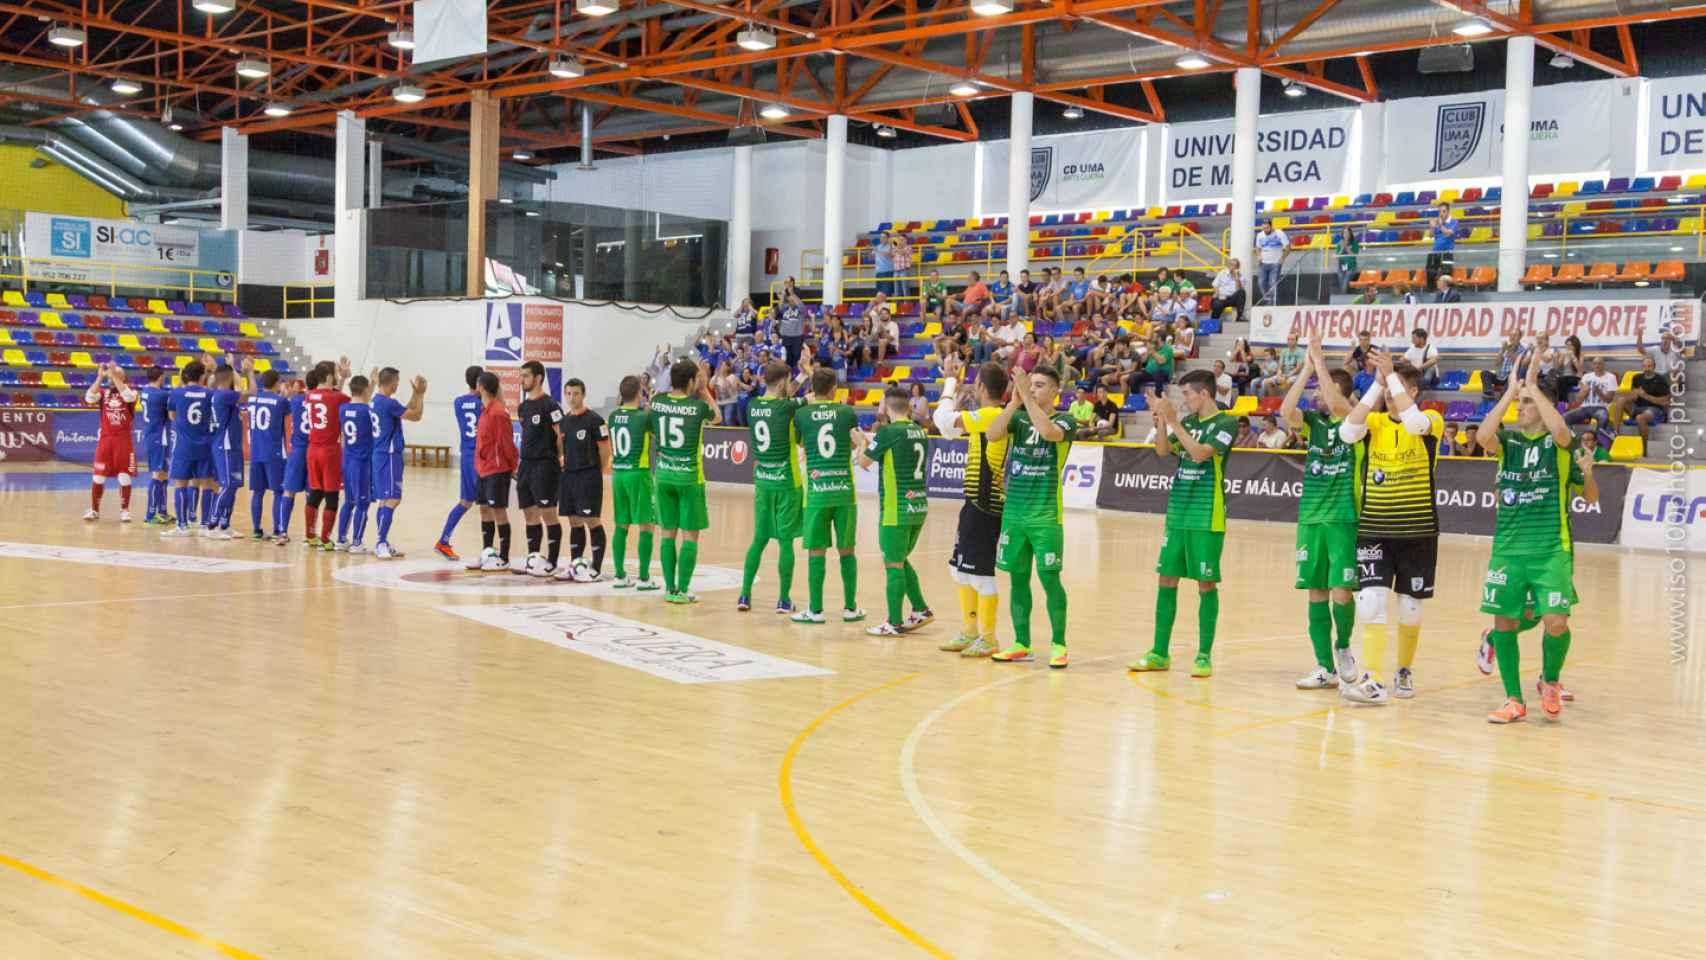 Los jugadores del UMA Antequera antes de jugar contra el Valdepeñas.